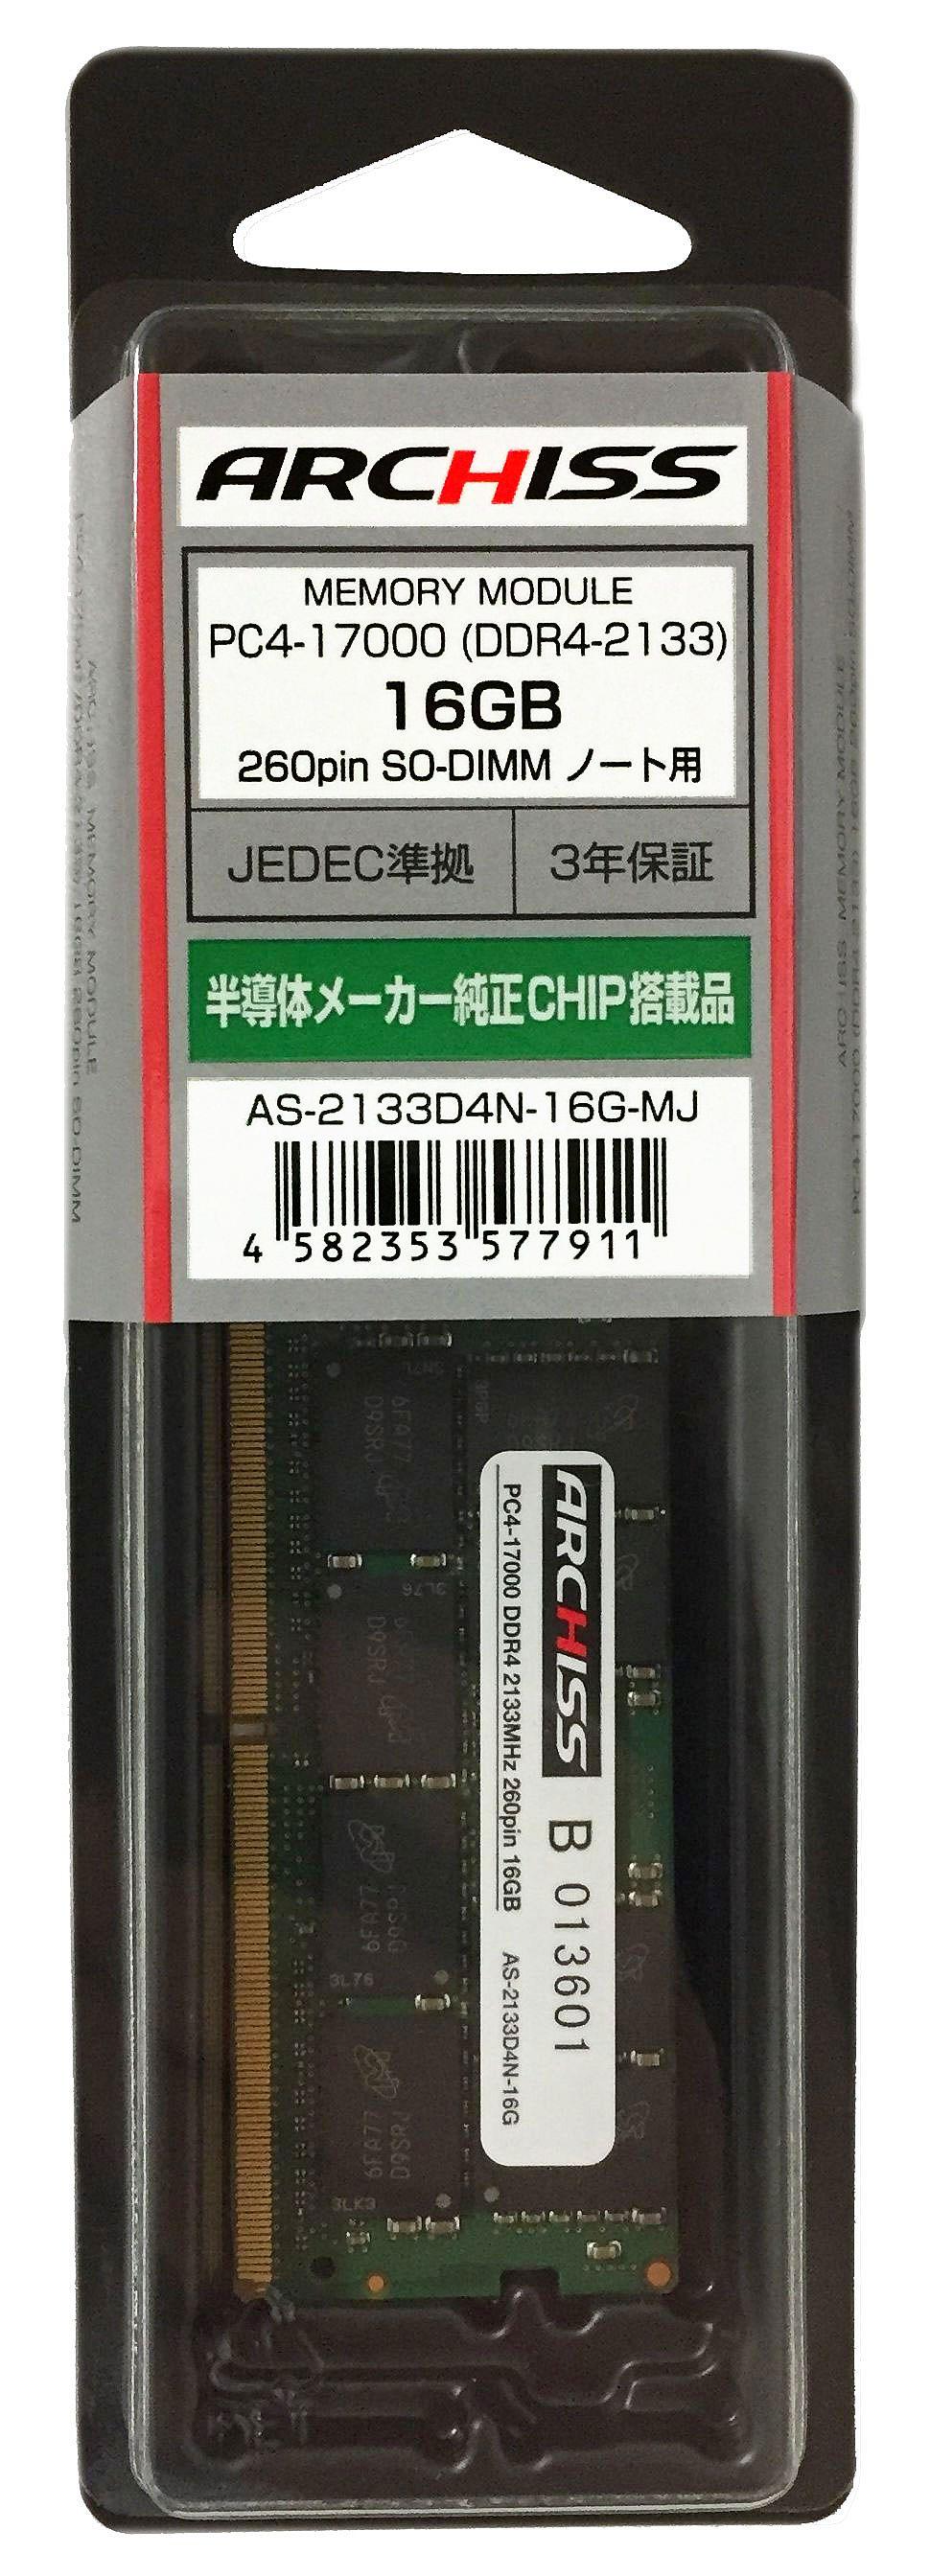 AS-2133D4N-16G-MJ